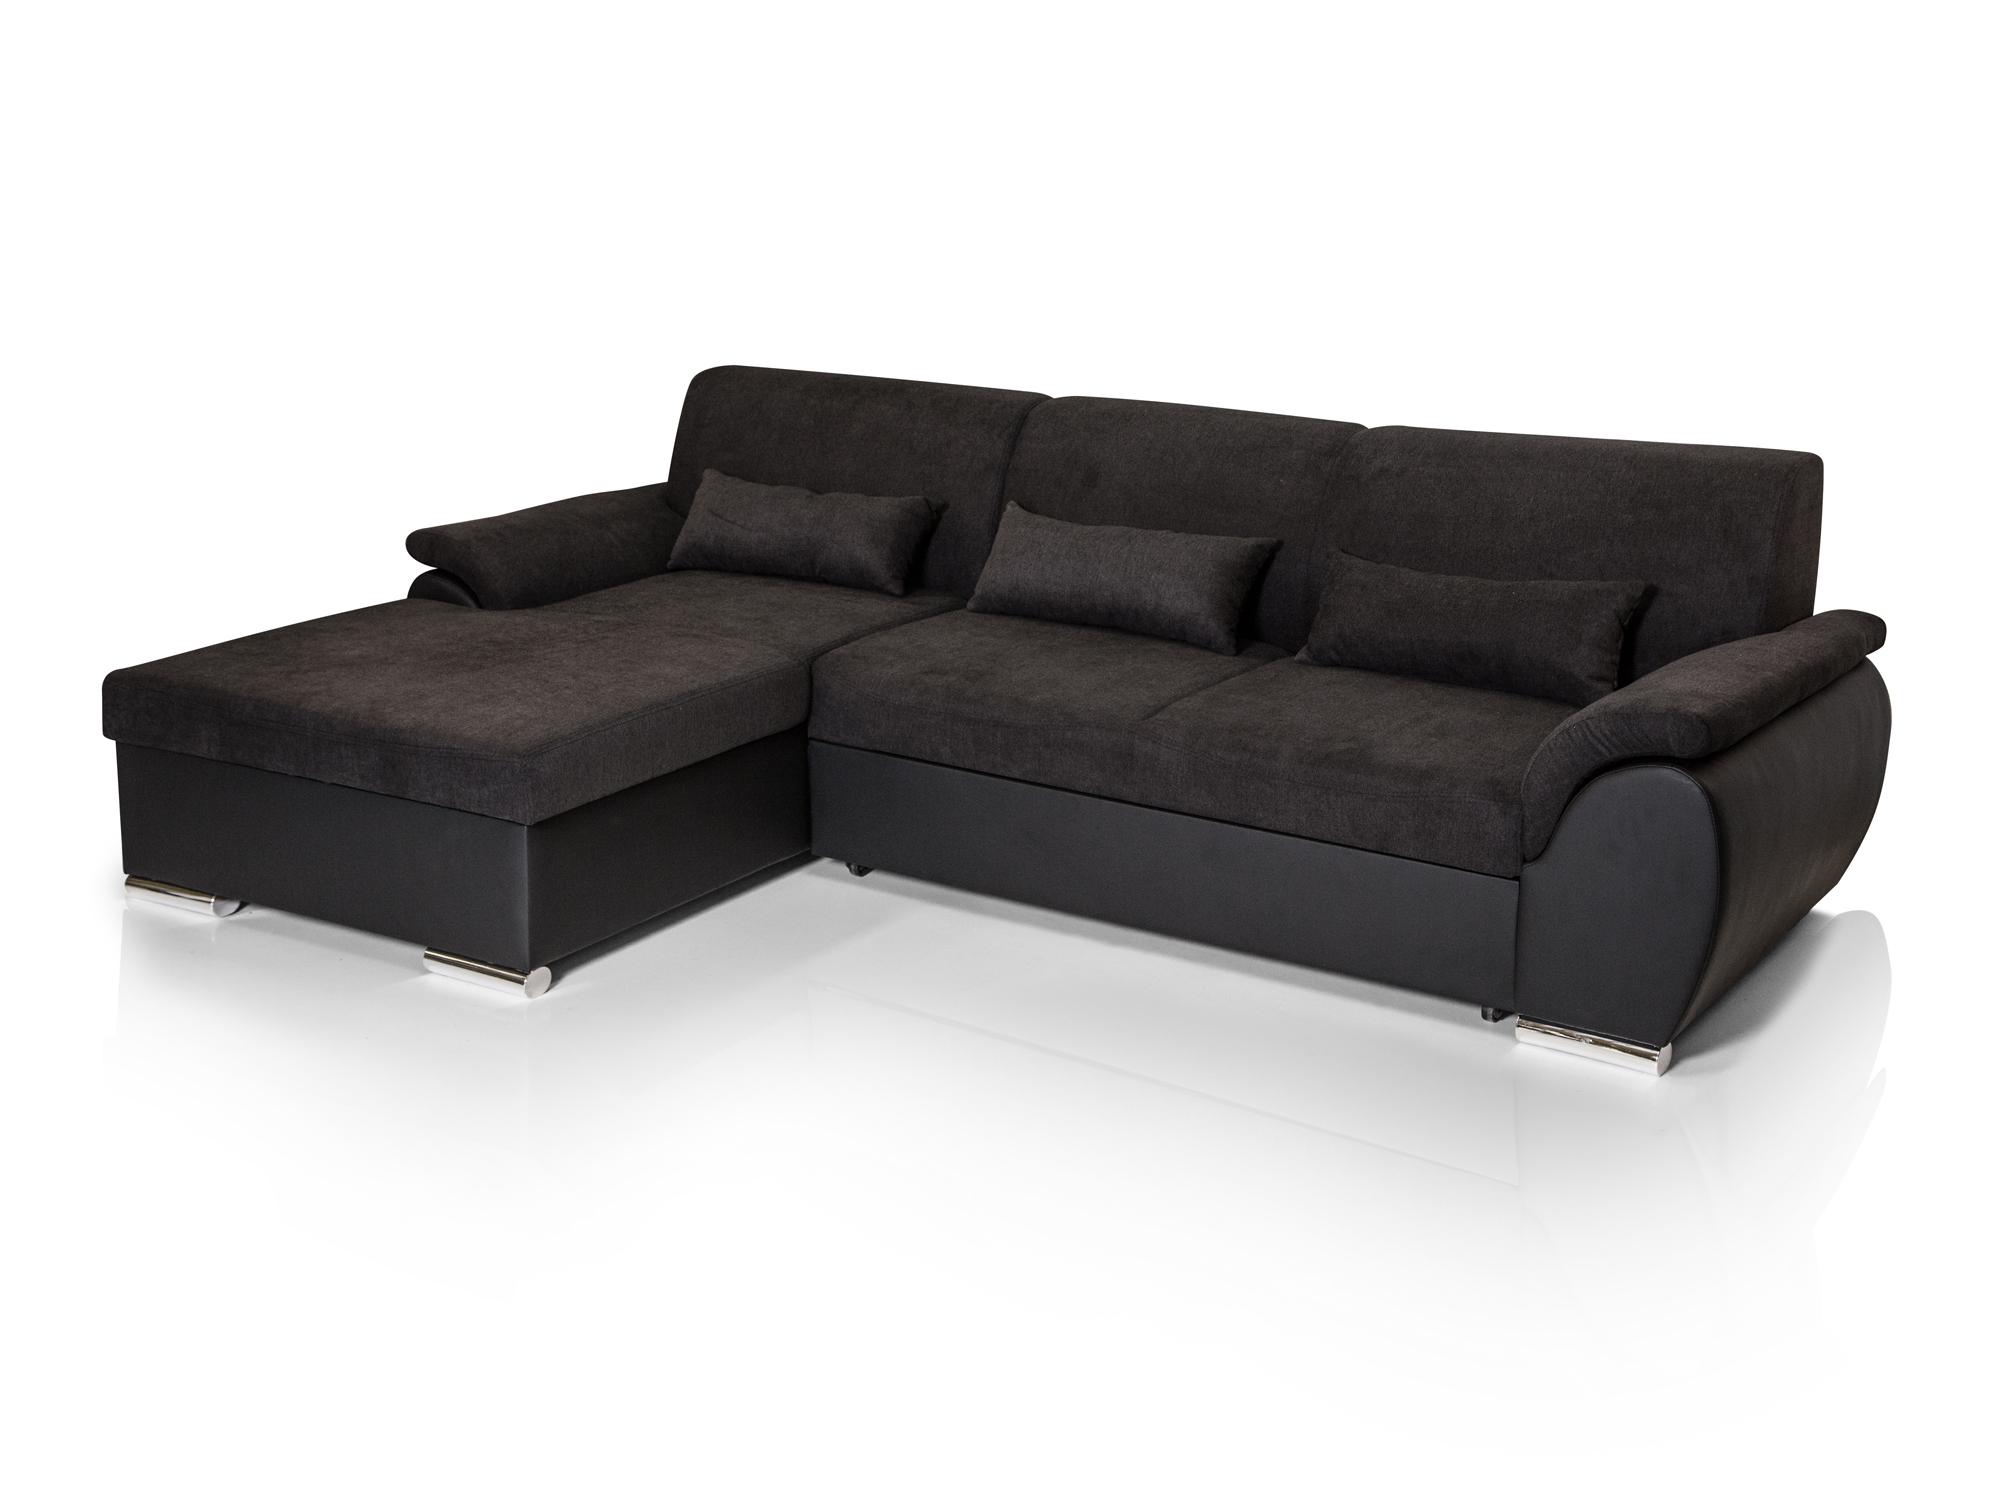 Schön sofa Mit Bettfunktion Design